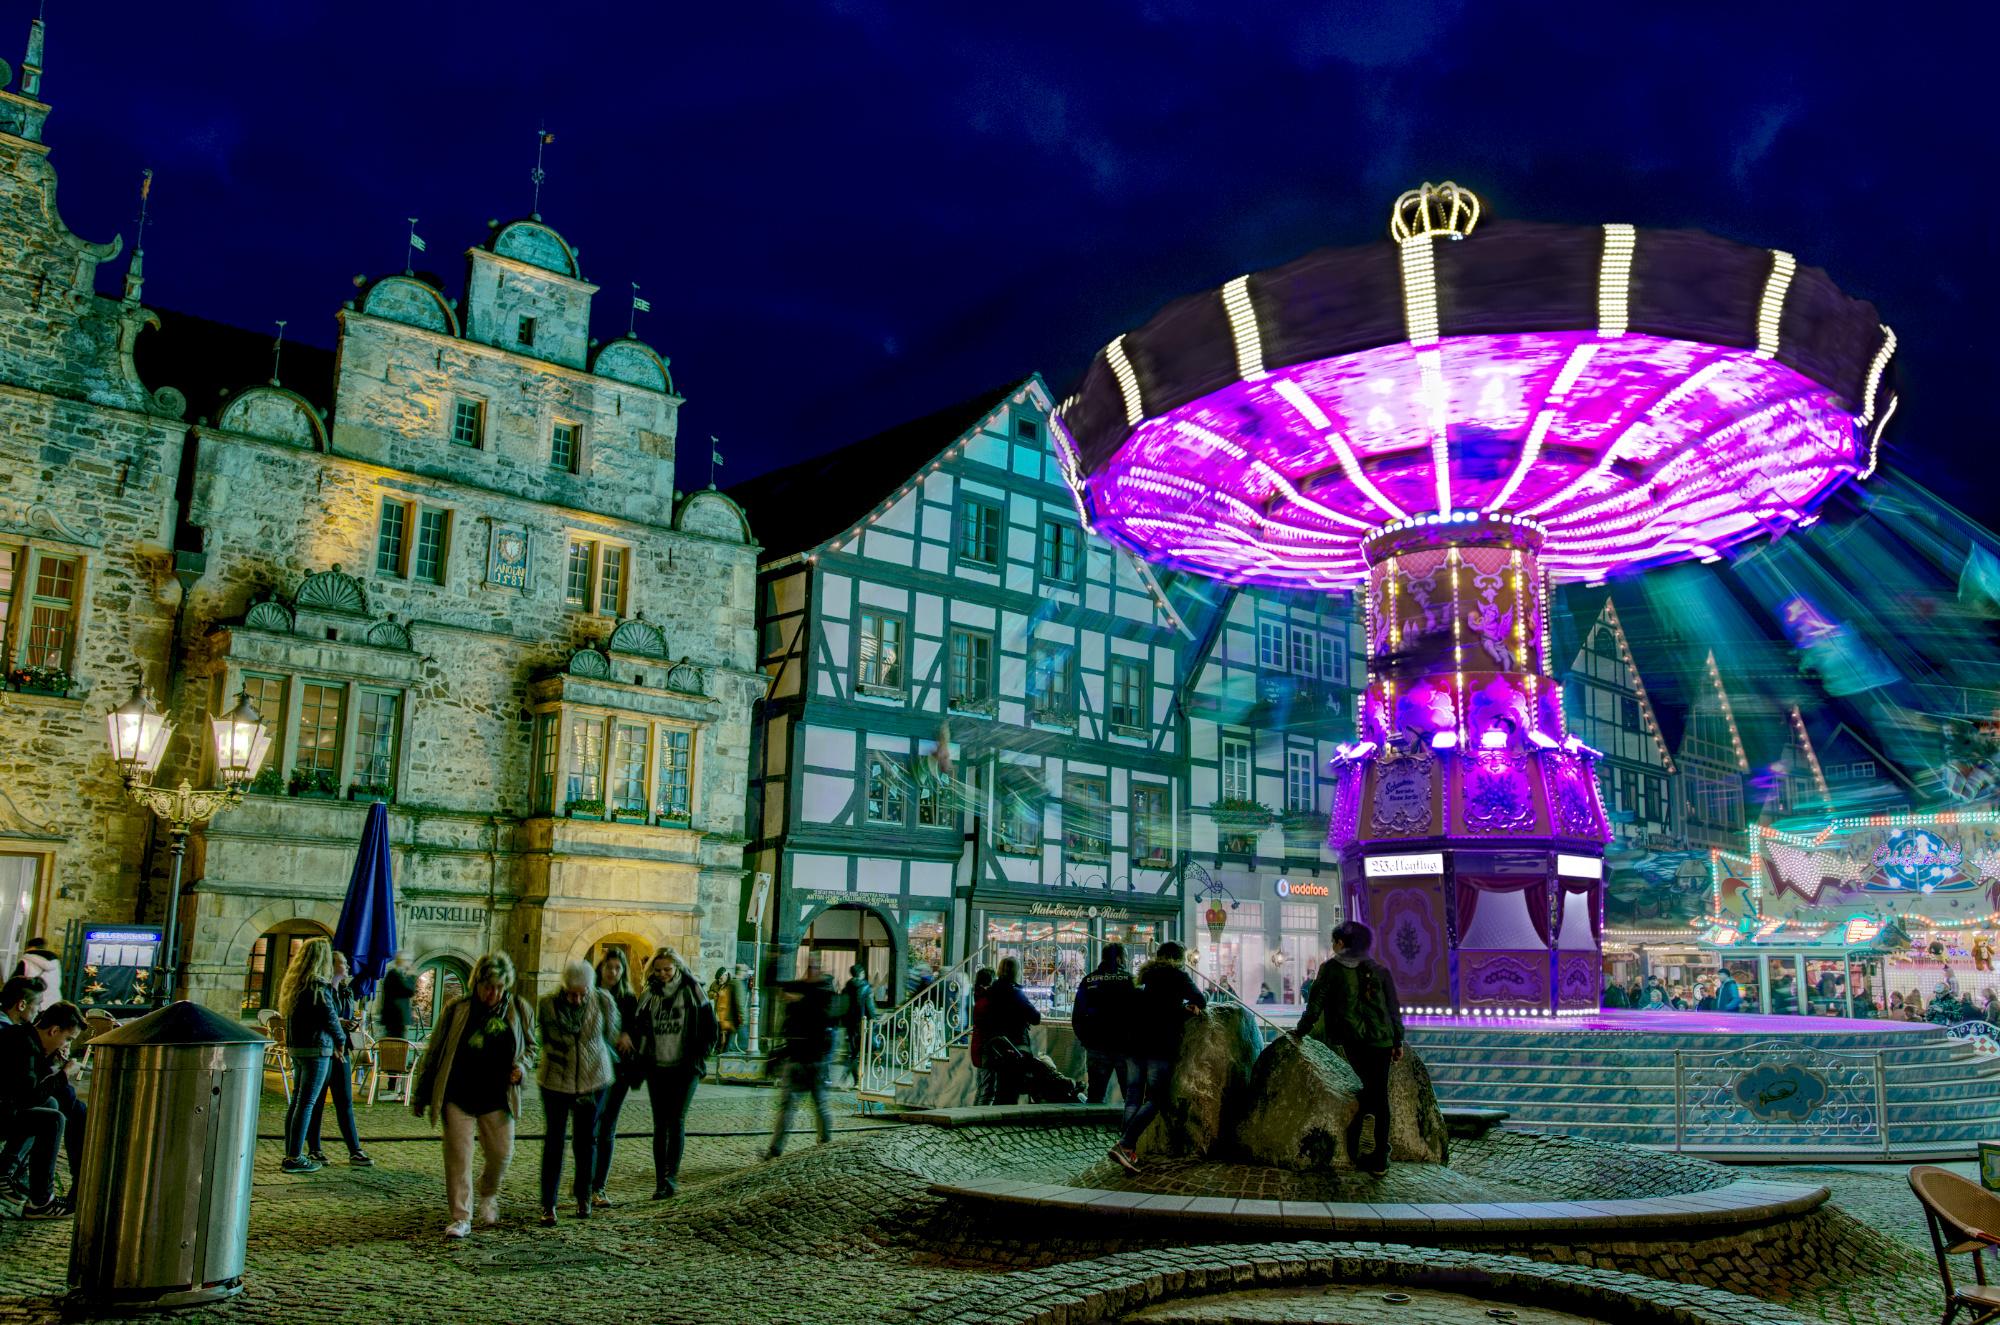 Fototour durch die Rintelner Altstadt während der Herbstmesse